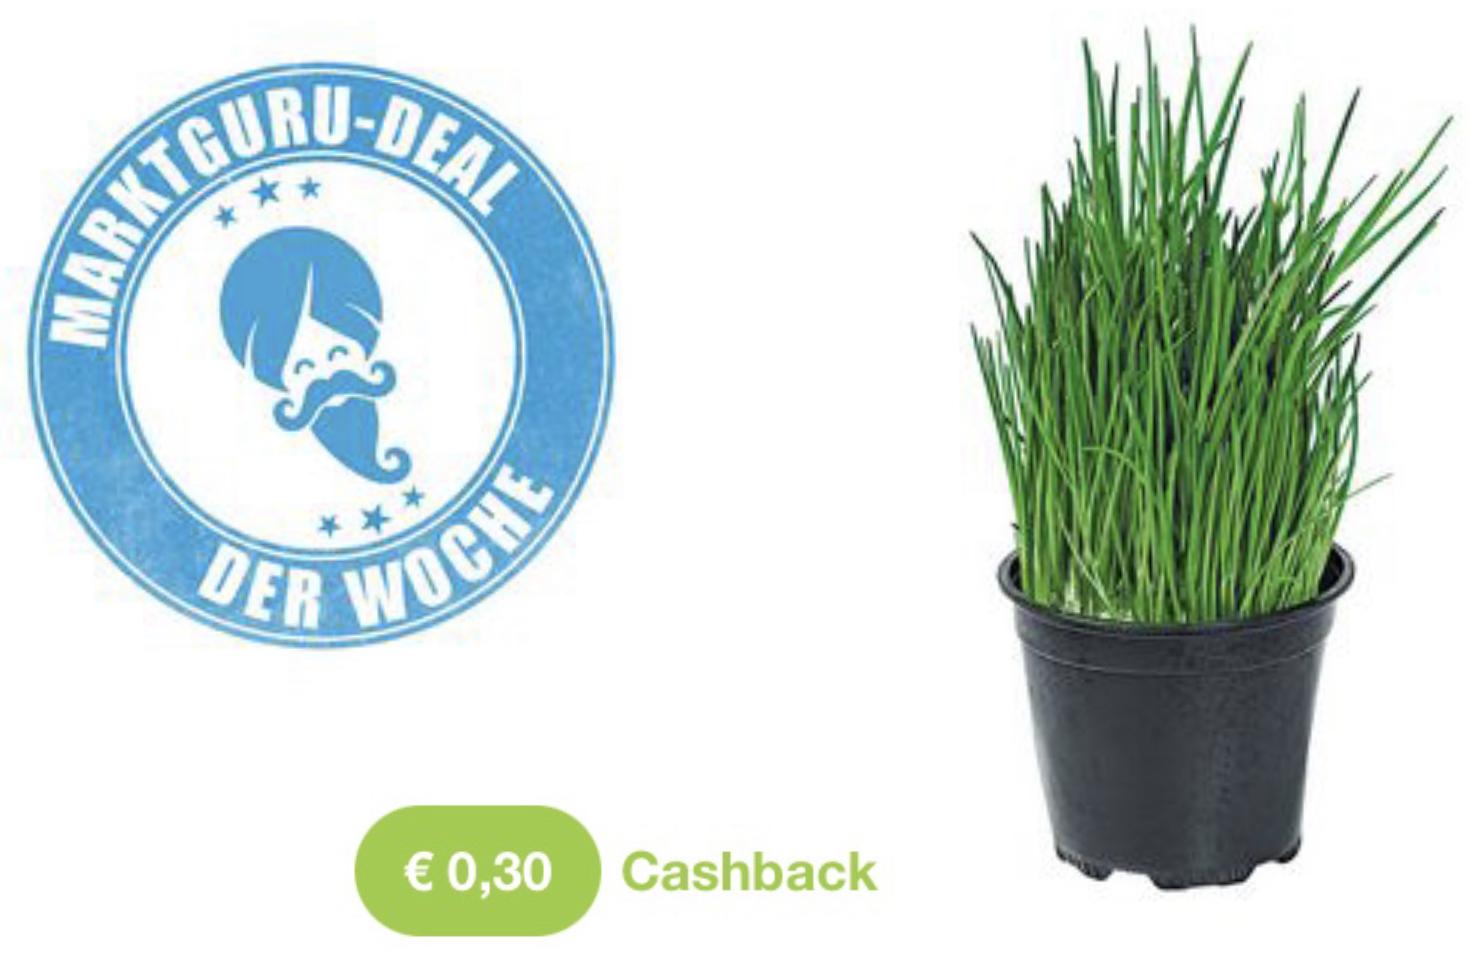 0,30€ Cashback auf Schnittlauch ab 0,31€ Einkaufswert